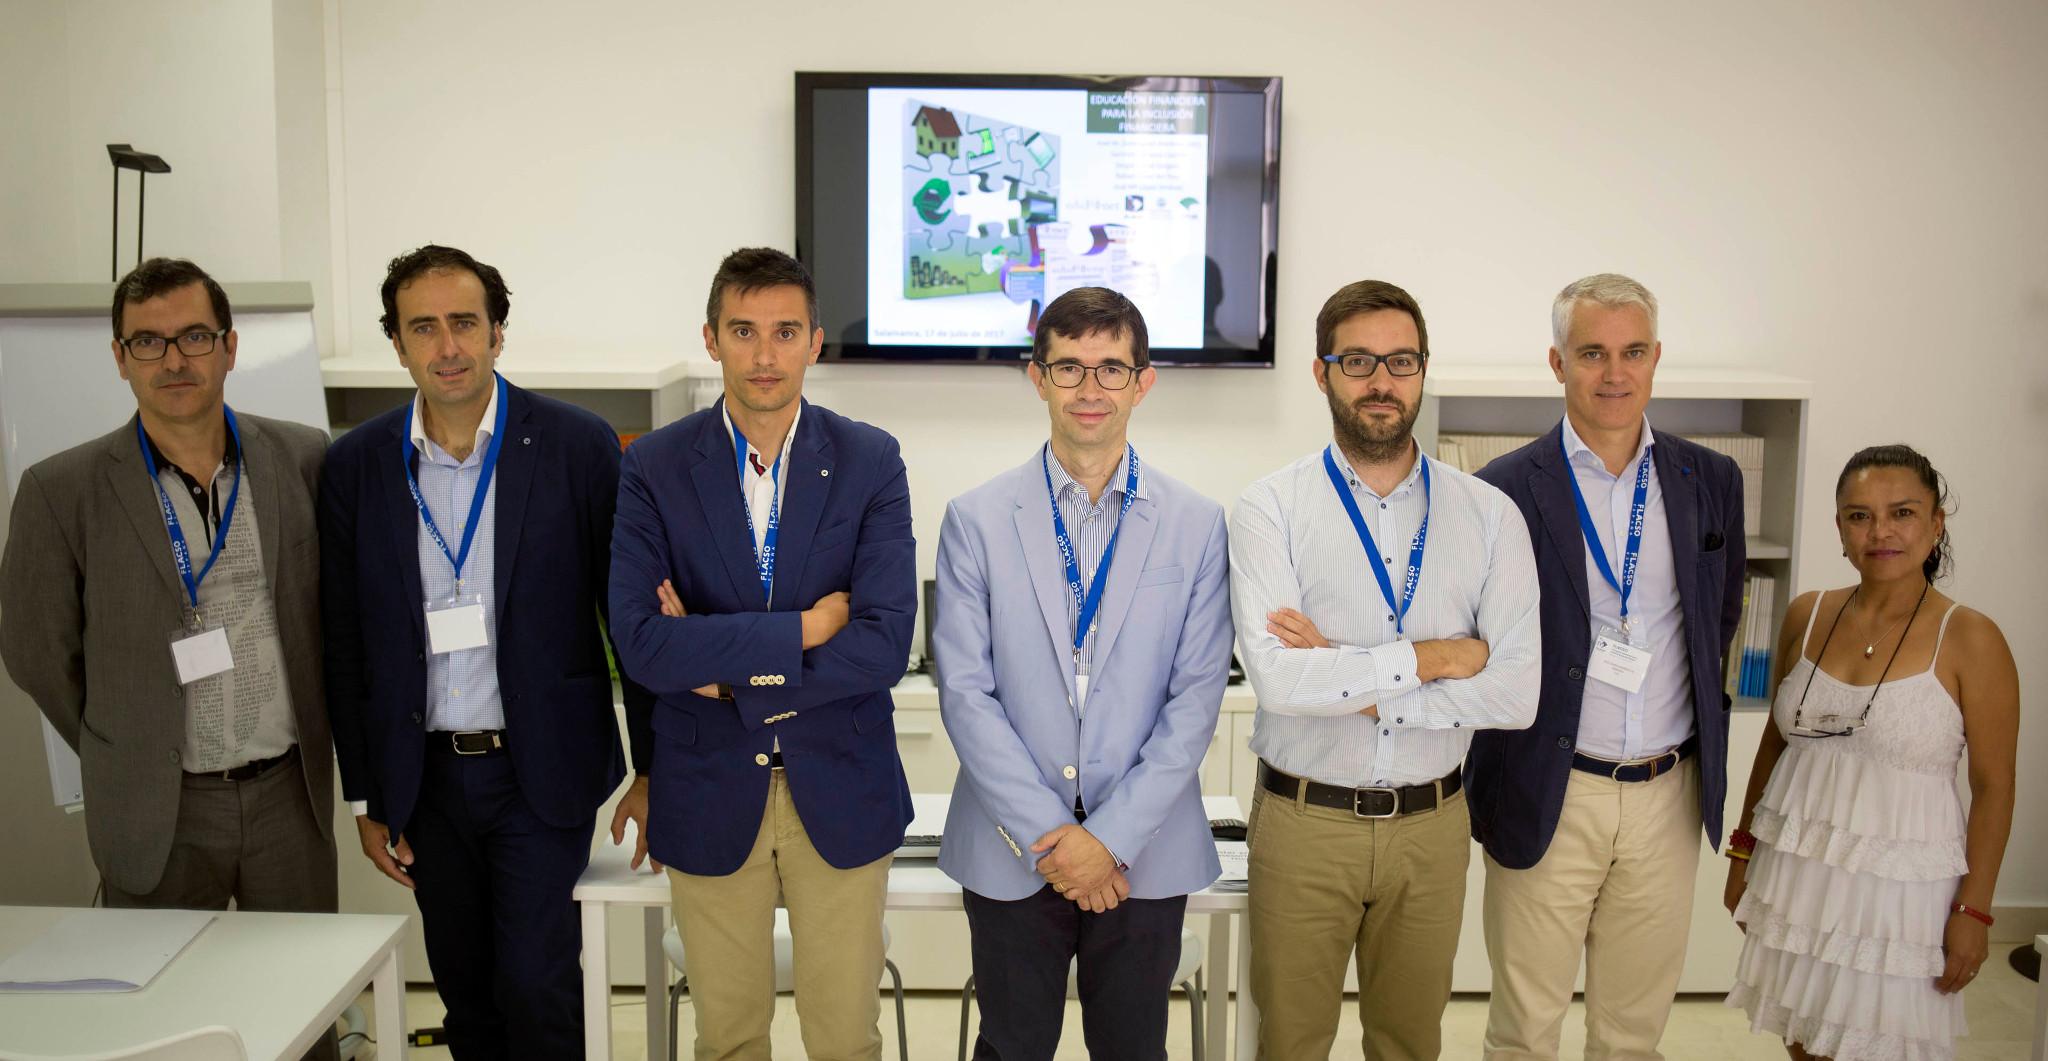 Edufinet presenta su proyecto de educación para la inclusión financiera en el 4º Congreso Latinoamericano de Ciencias Sociales en la Universidad de Salamanca